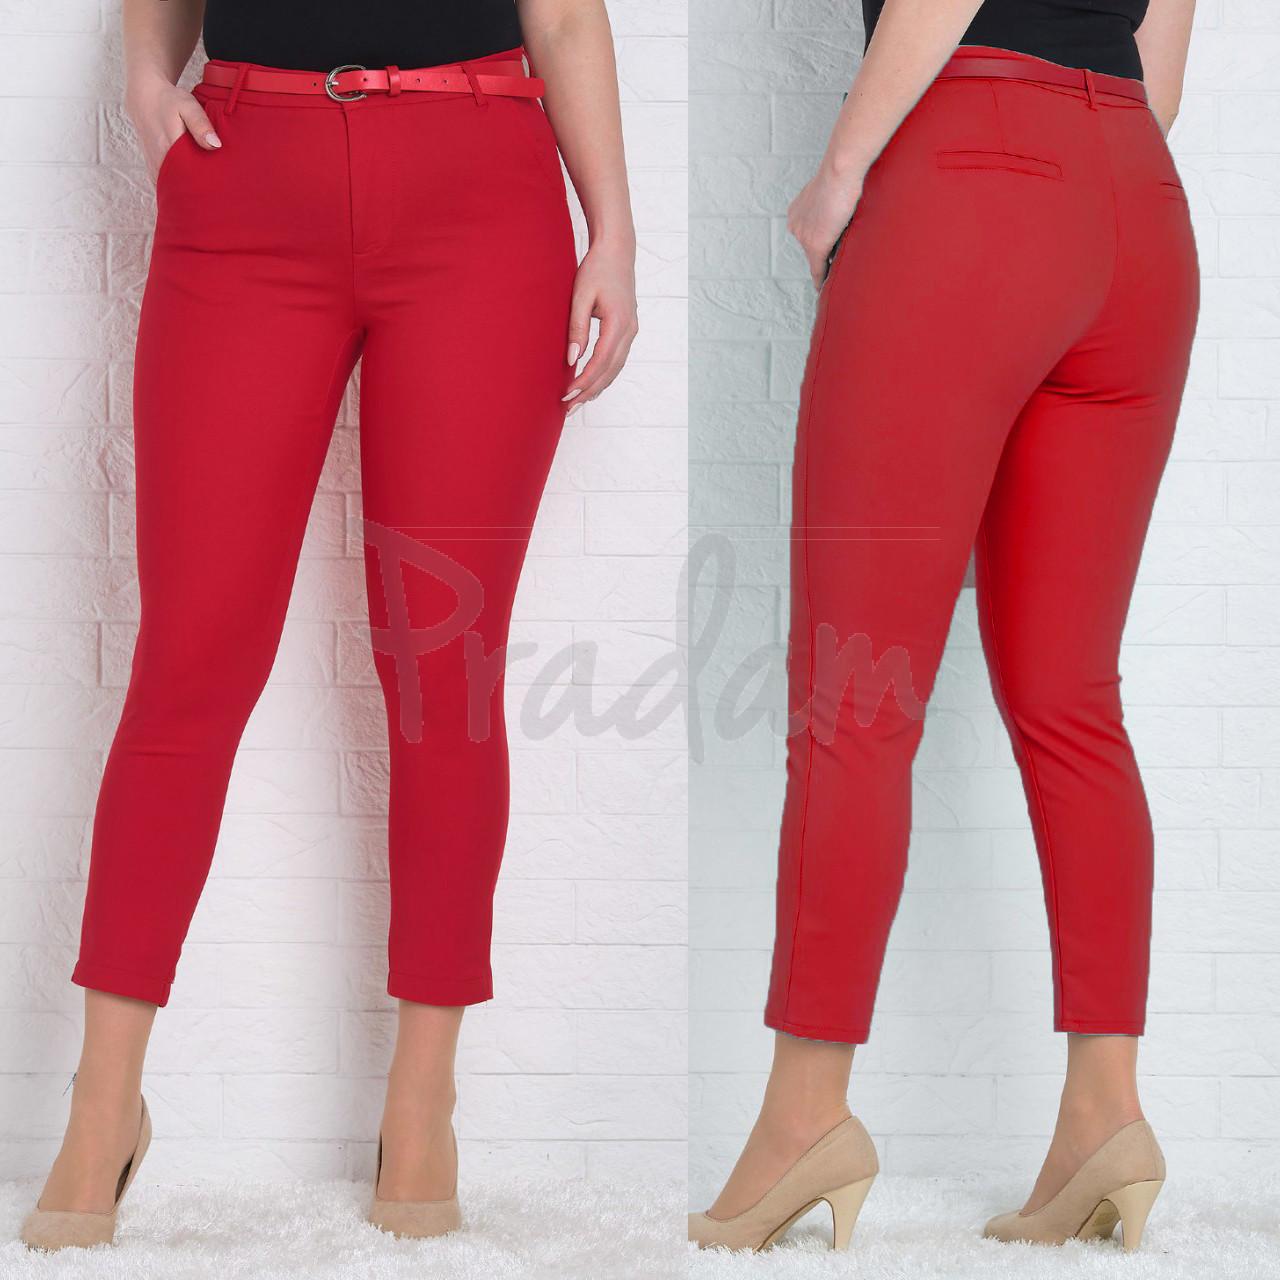 9782-L (GS9782L) Moon girl брюки женские батальные 7/8 красные весенние стрейчевые (29-36, 11 ед.)